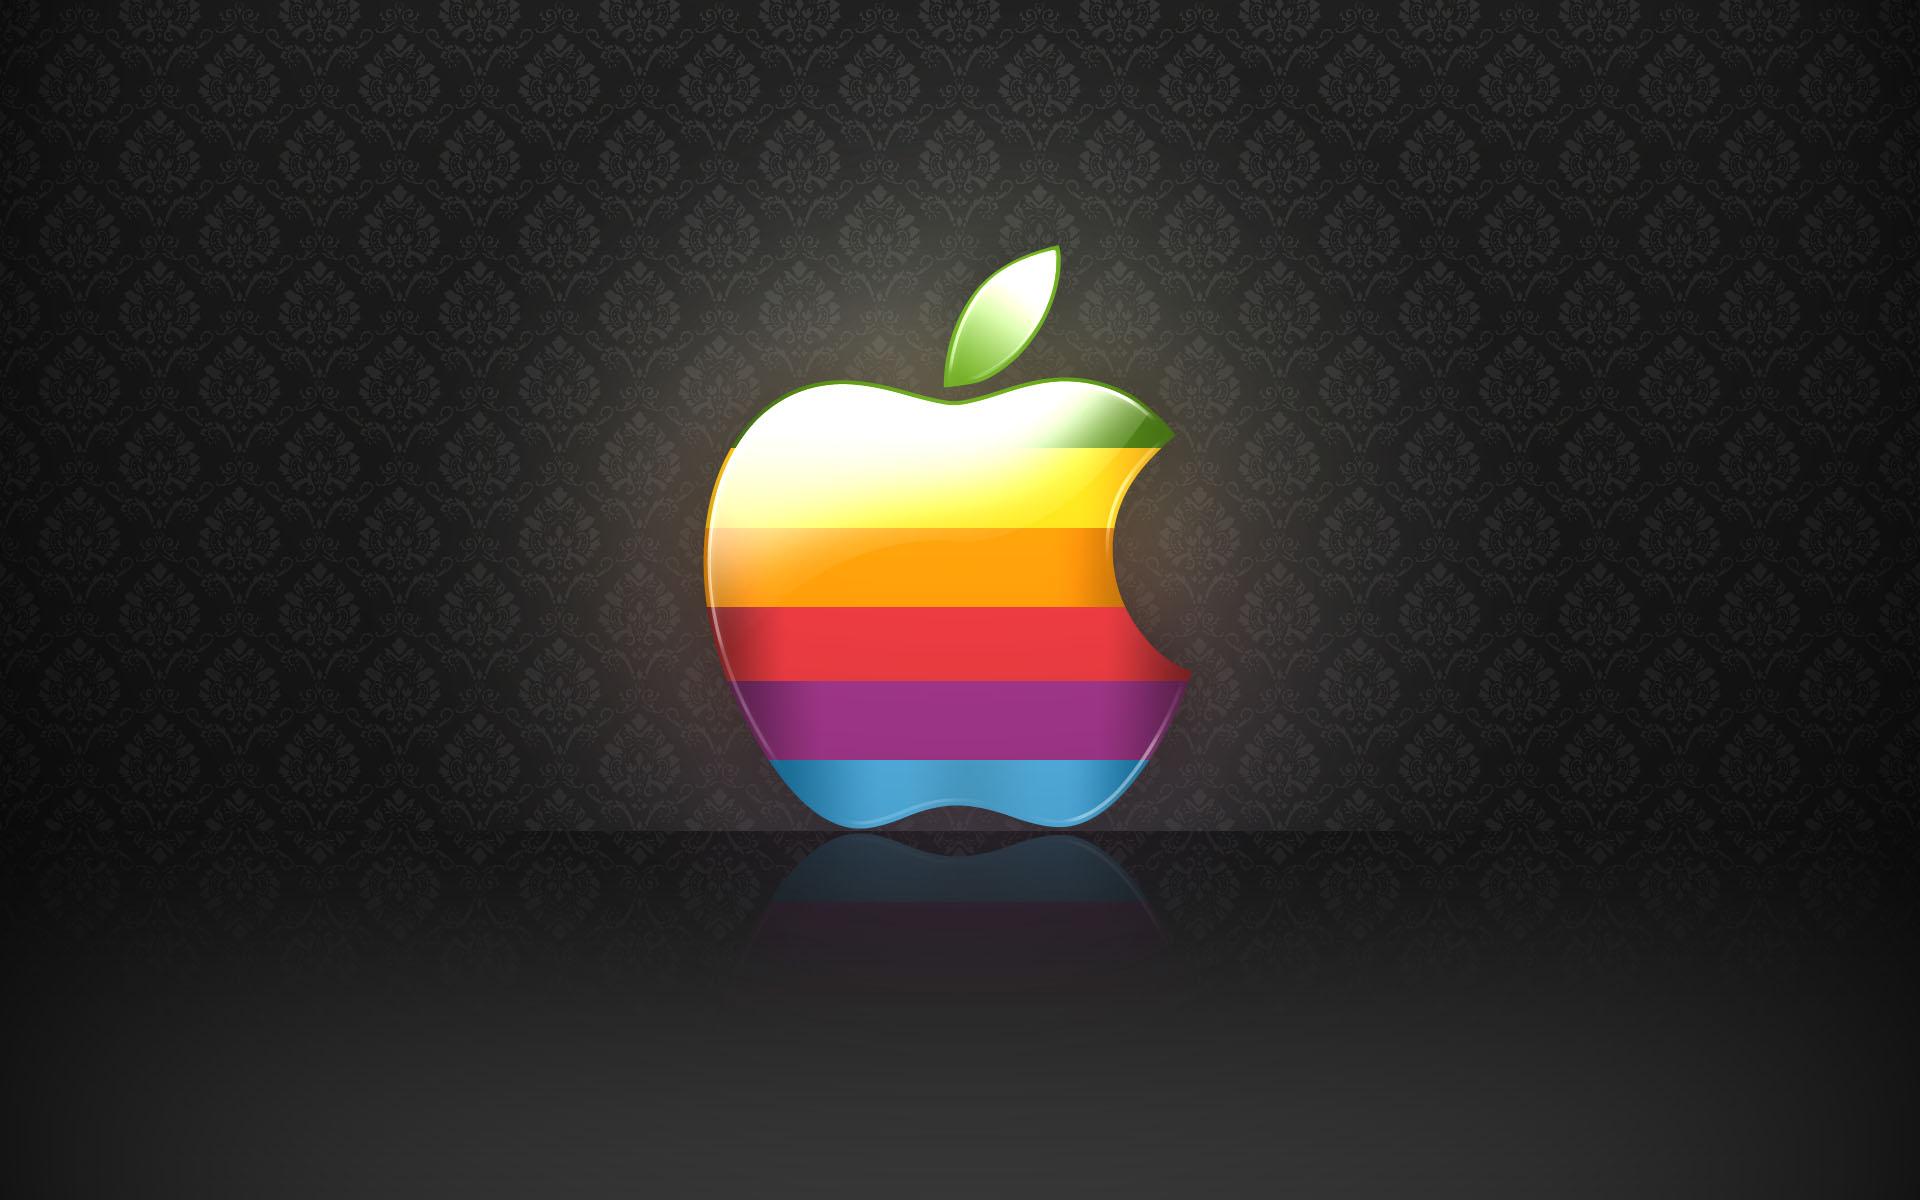 壁纸/Apple主题61 1